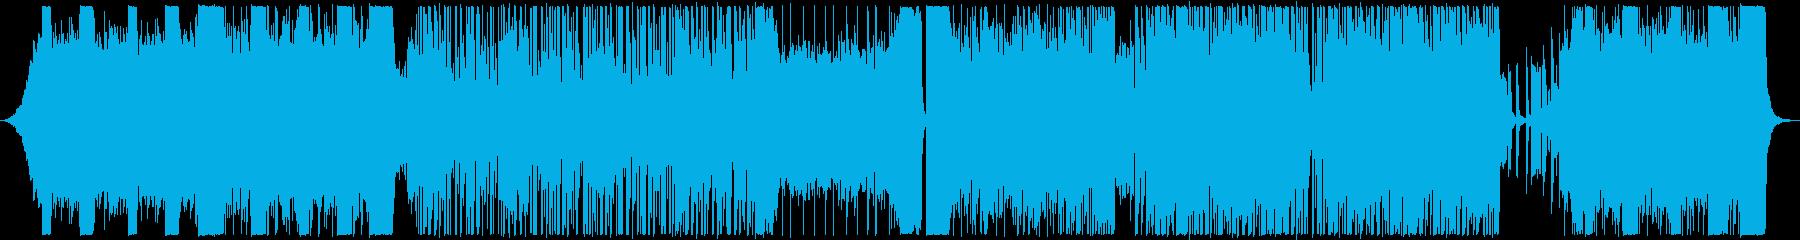 ヘッドライナーは非常にアクティブで...の再生済みの波形